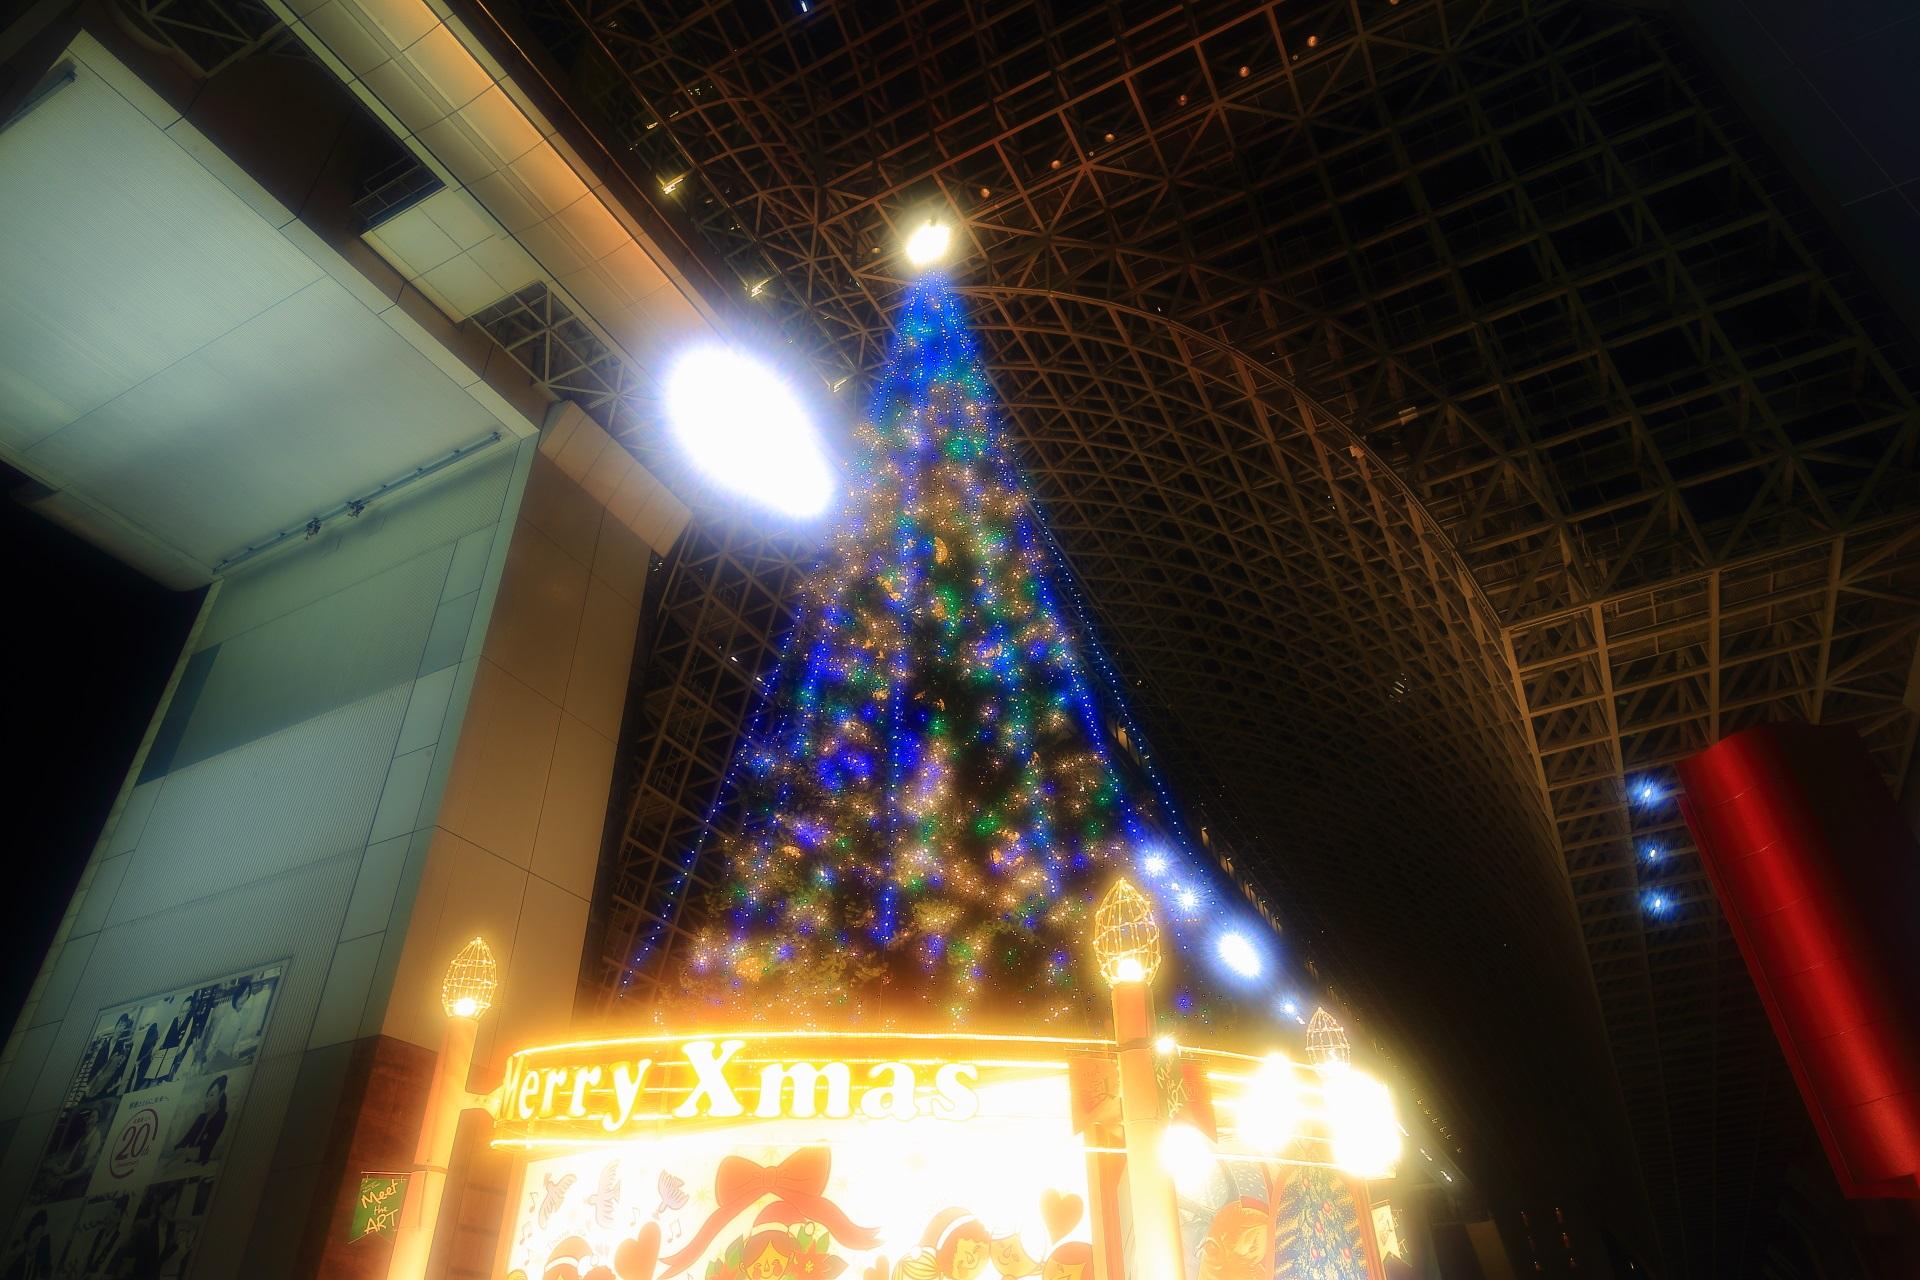 ふわふわした幻想的なクリスマスツリー